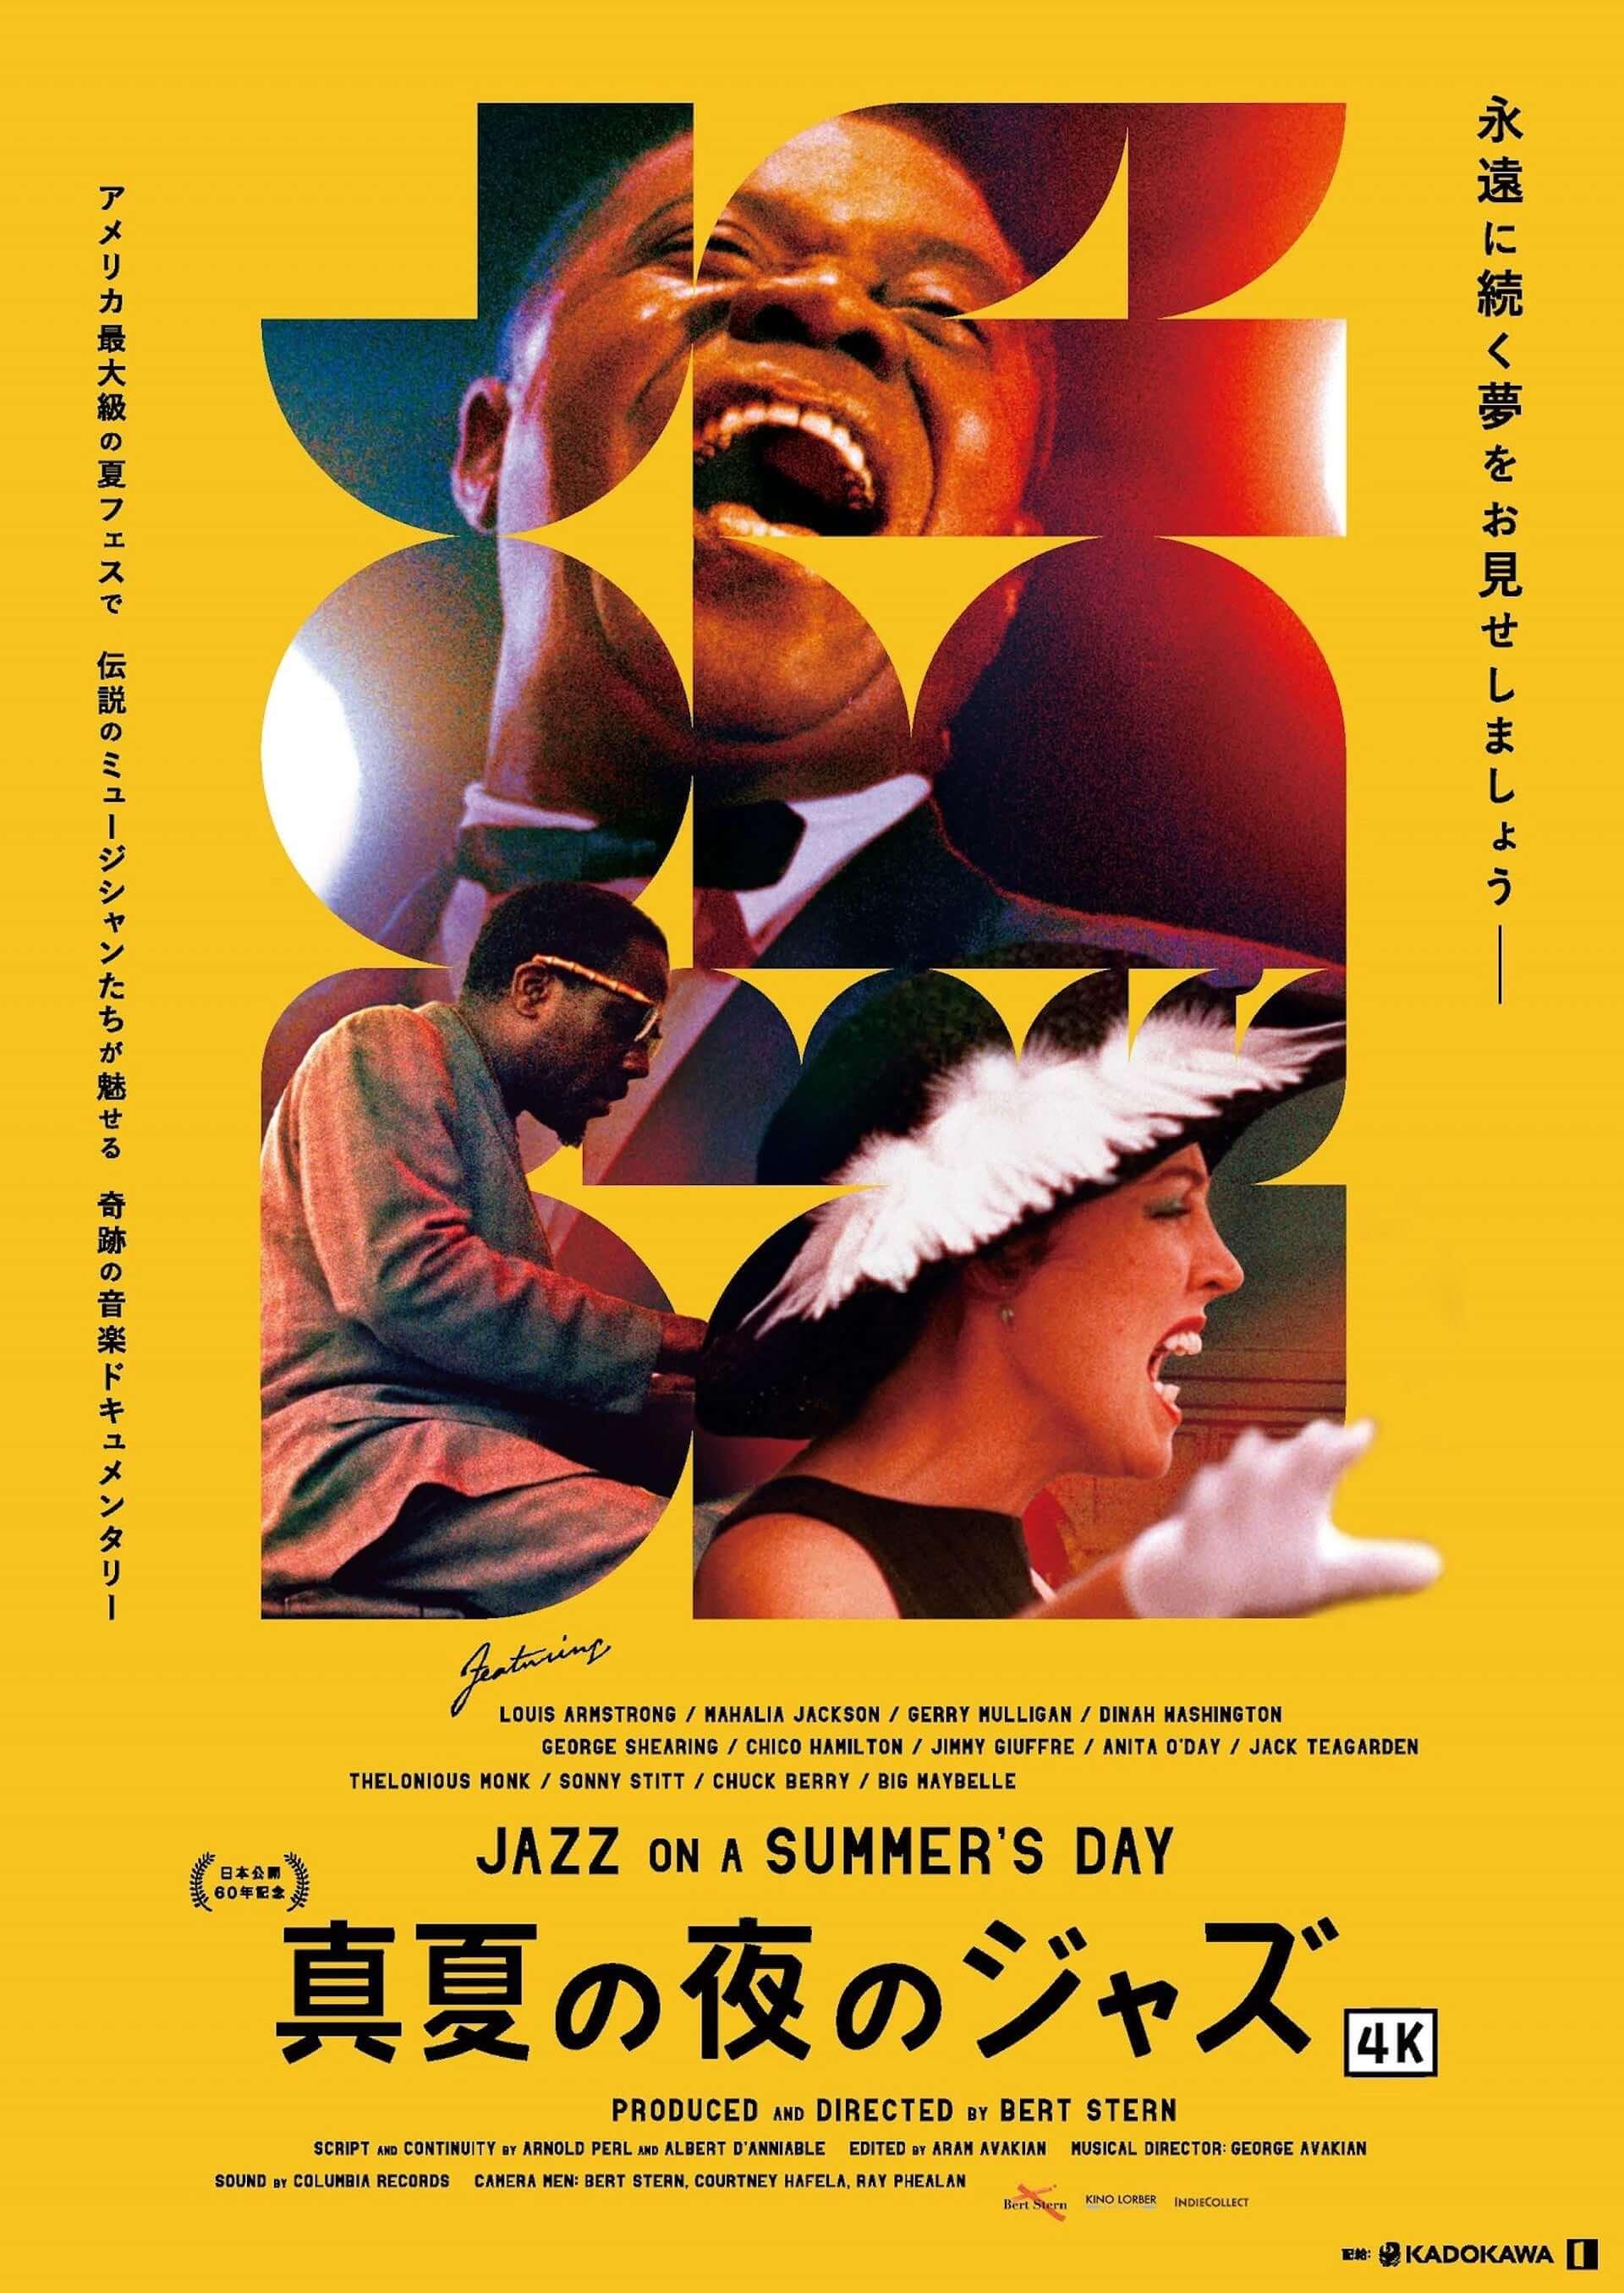 米最大級のフェスを追ったドキュメンタリー『真夏の夜のジャズ 4K』のビジュアルが4枚同時公開!1959年公開当時のフランス版&プレスブックの表紙も film200808_jazz4k_4-1920x2711